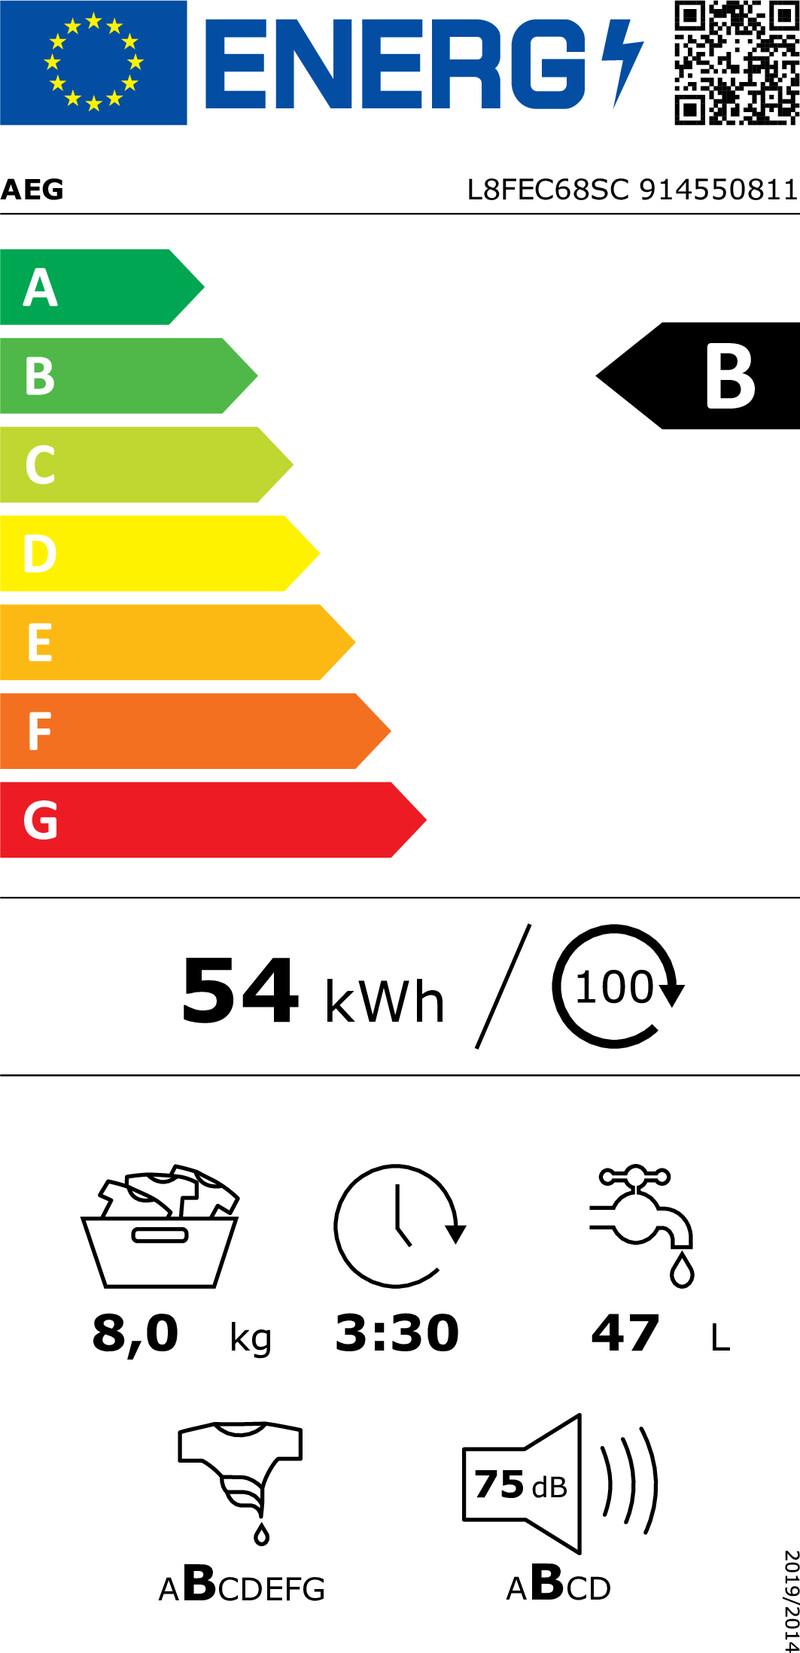 Energetický štítek AEG ÖKOMix® L8FEC68SC